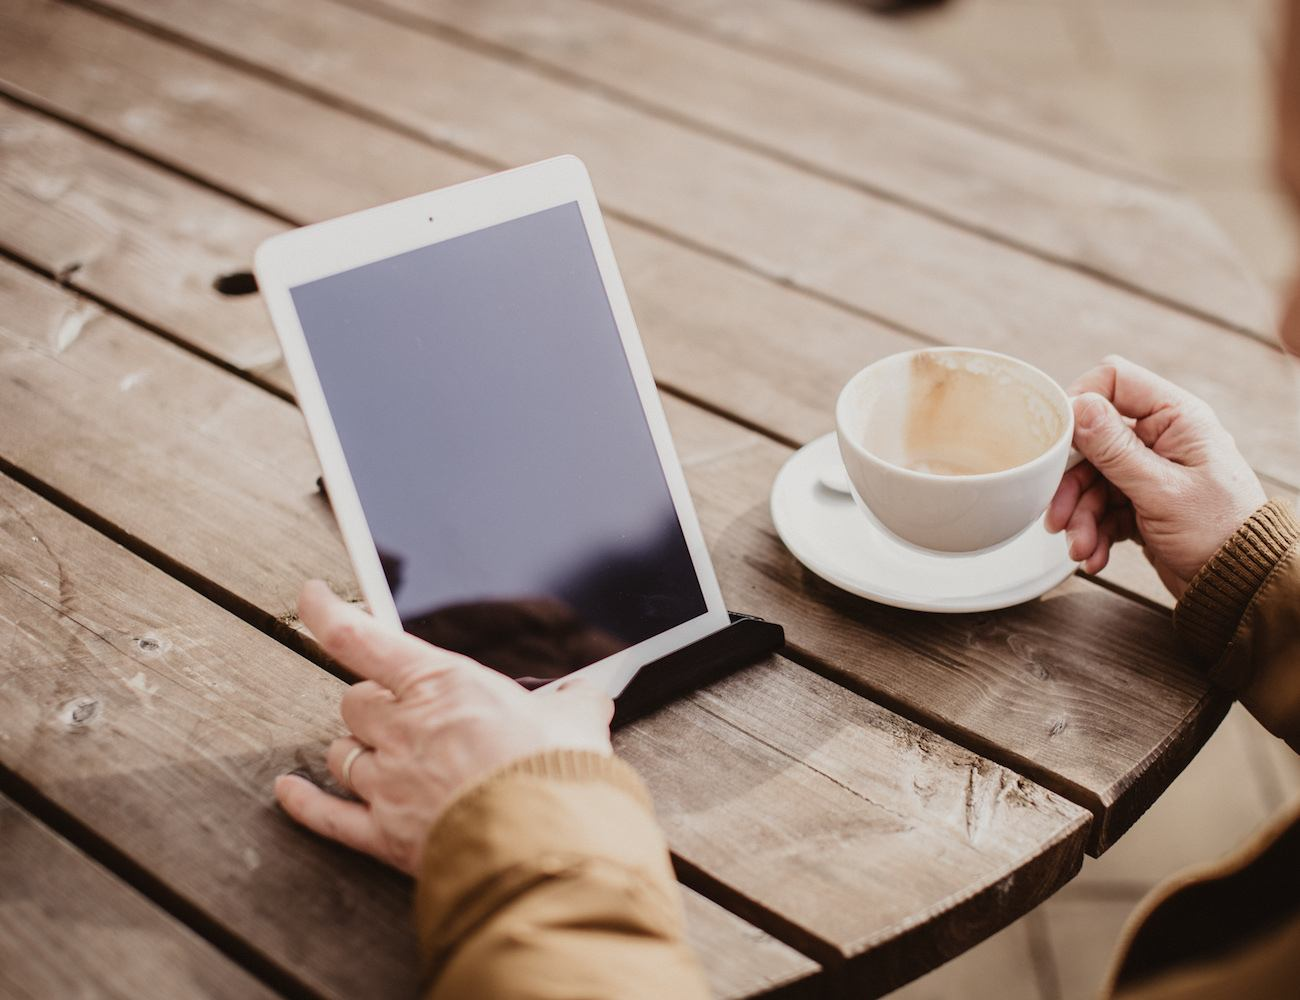 iPad+%26+Tablet+Holder